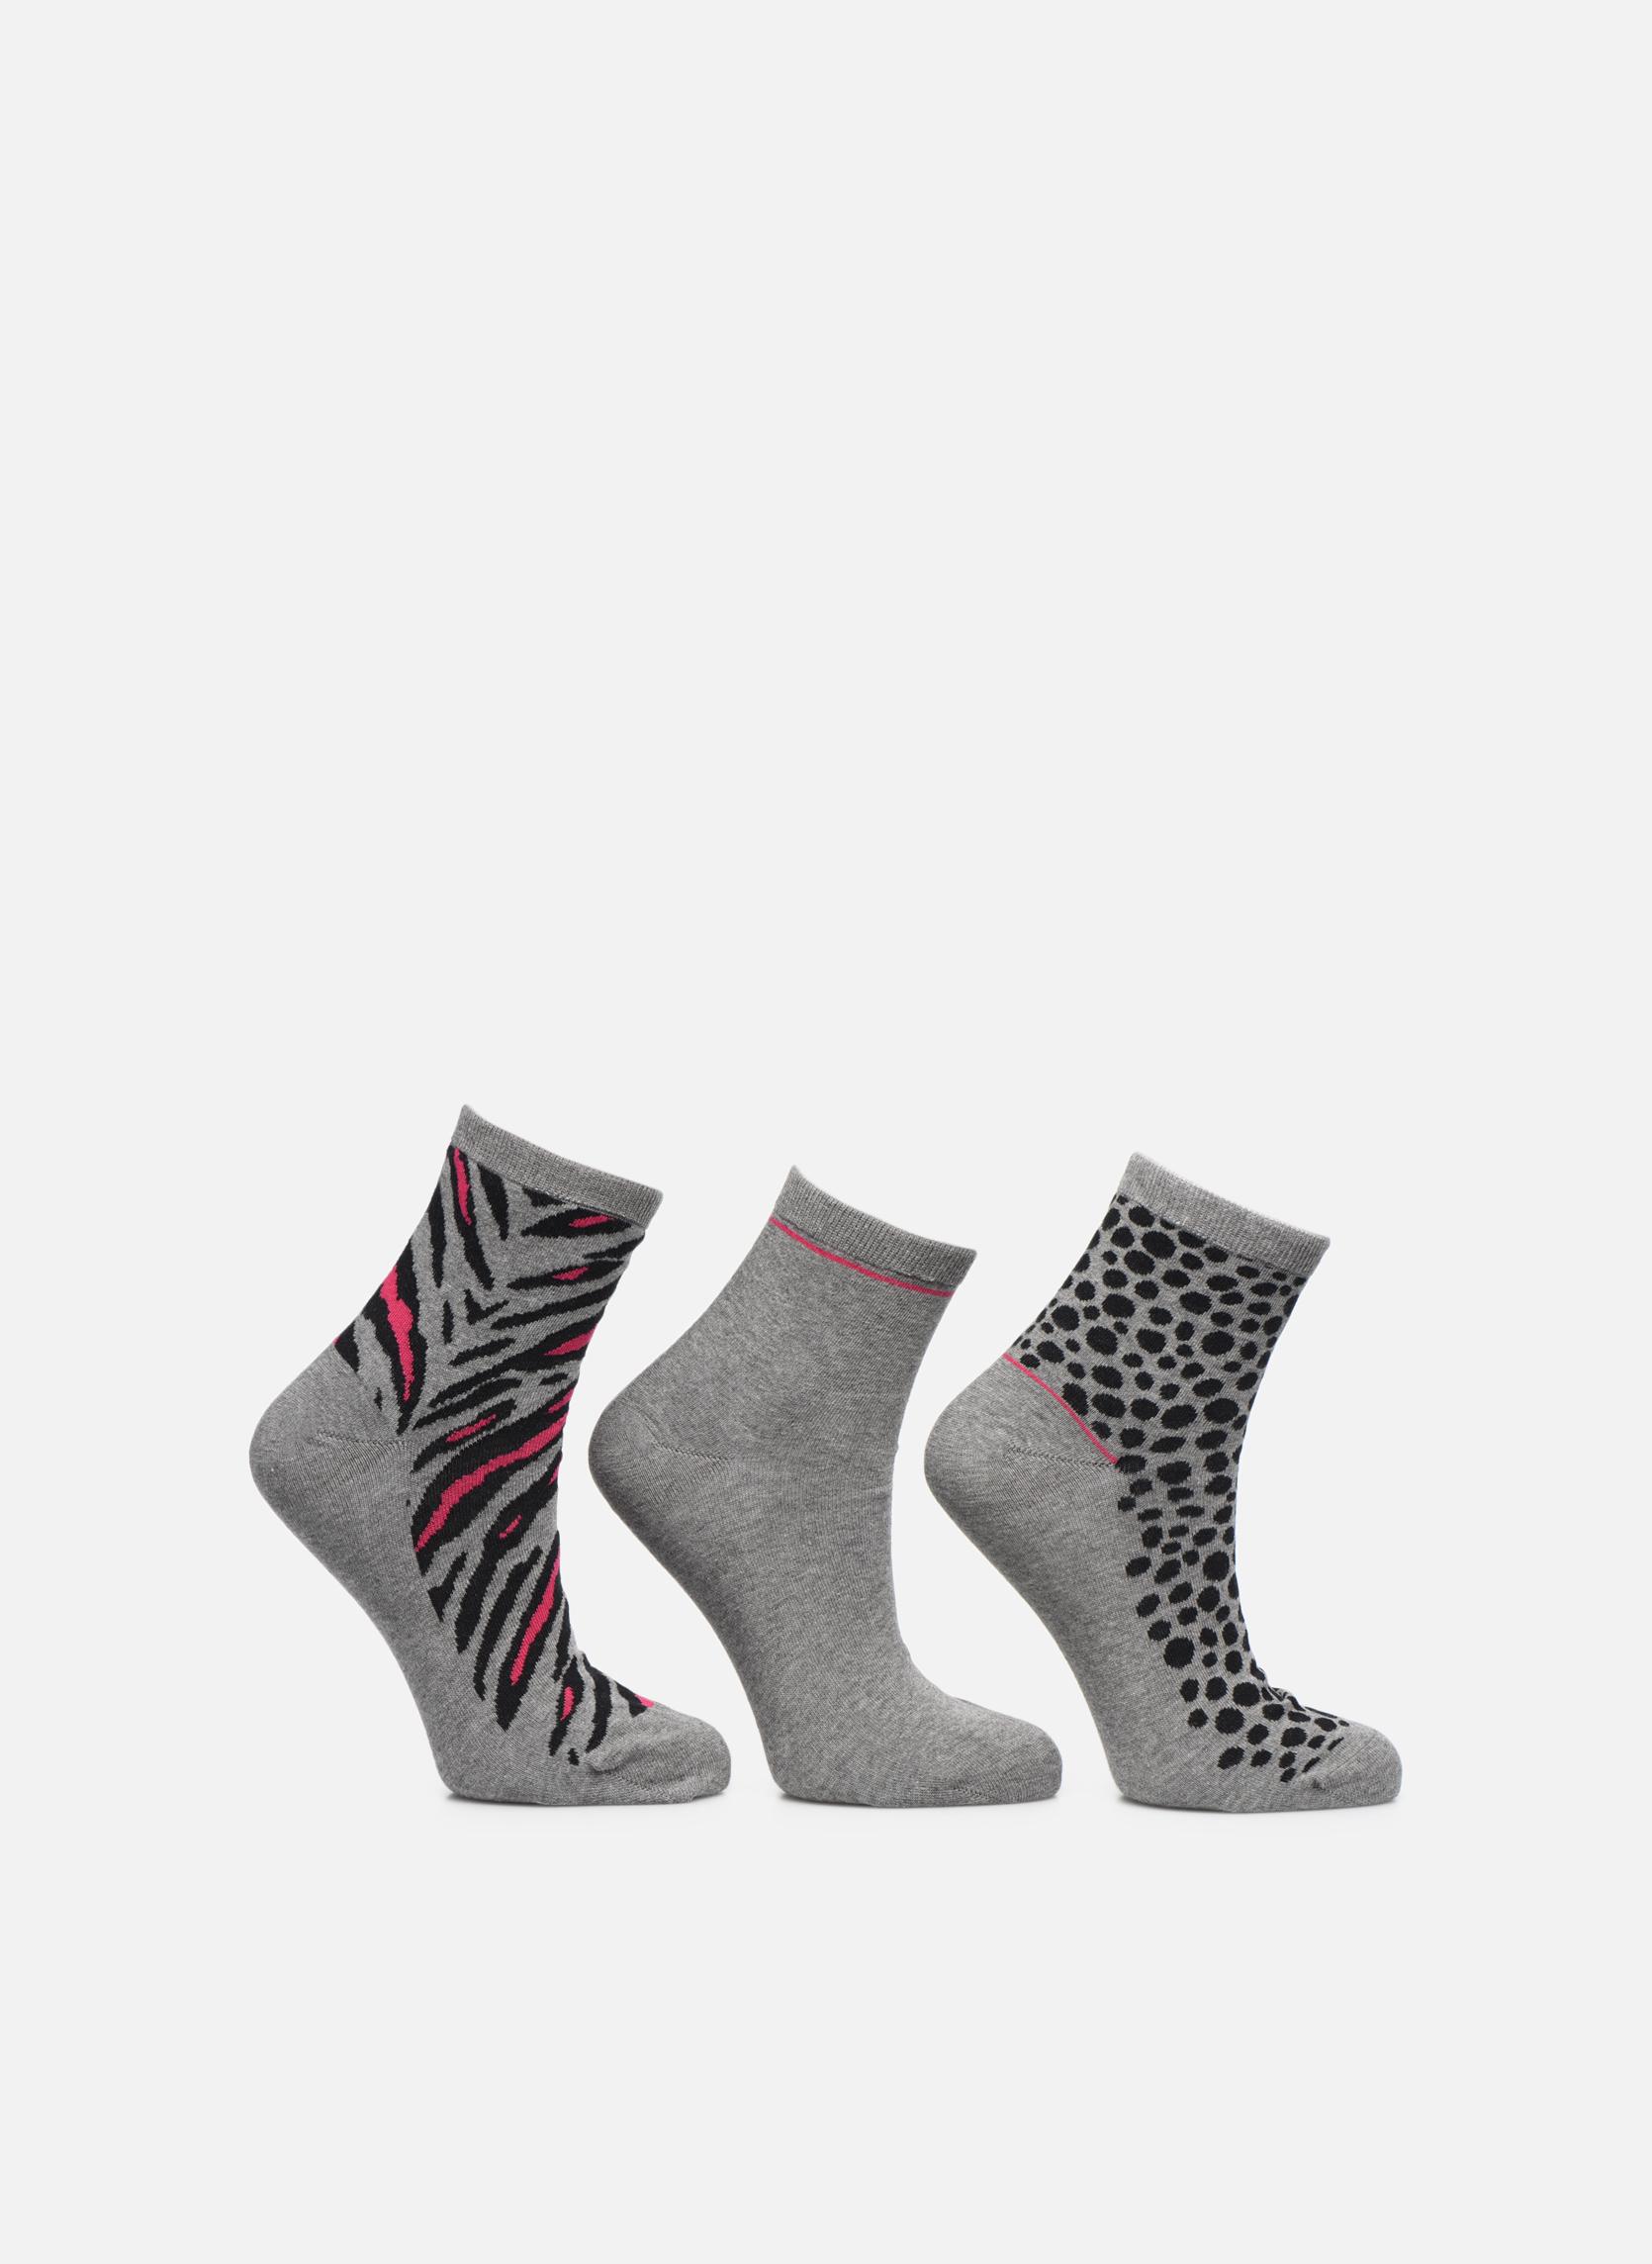 Chaussettes motif Pack de 3 femme coton